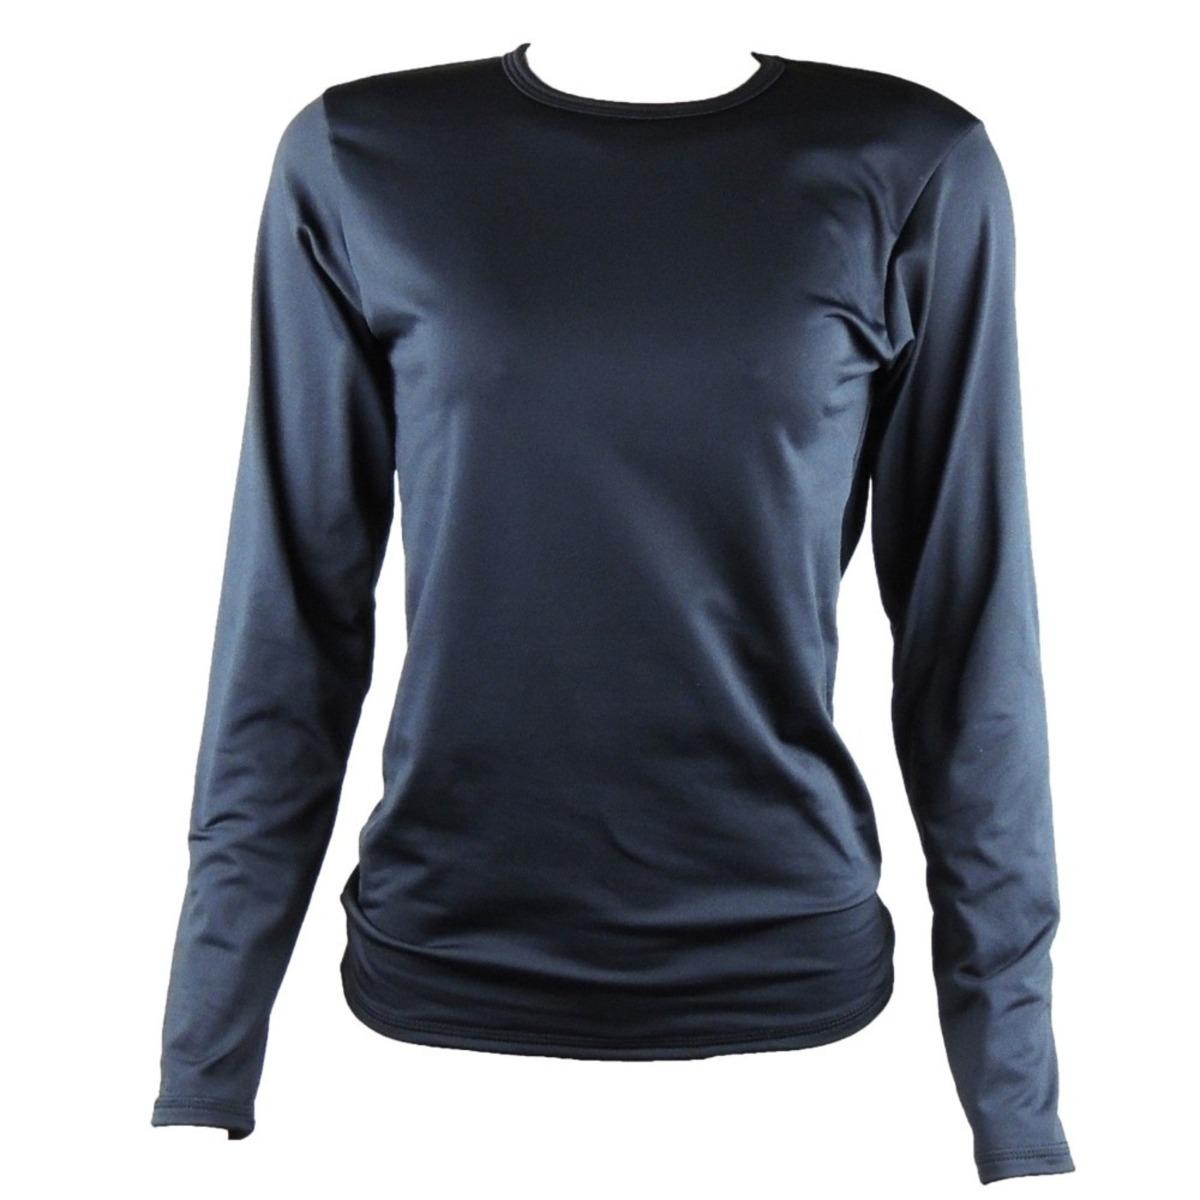 4 roupa térmica frio intenso extreme blusa preço de atacado. Carregando  zoom. 2ff8feb653edd